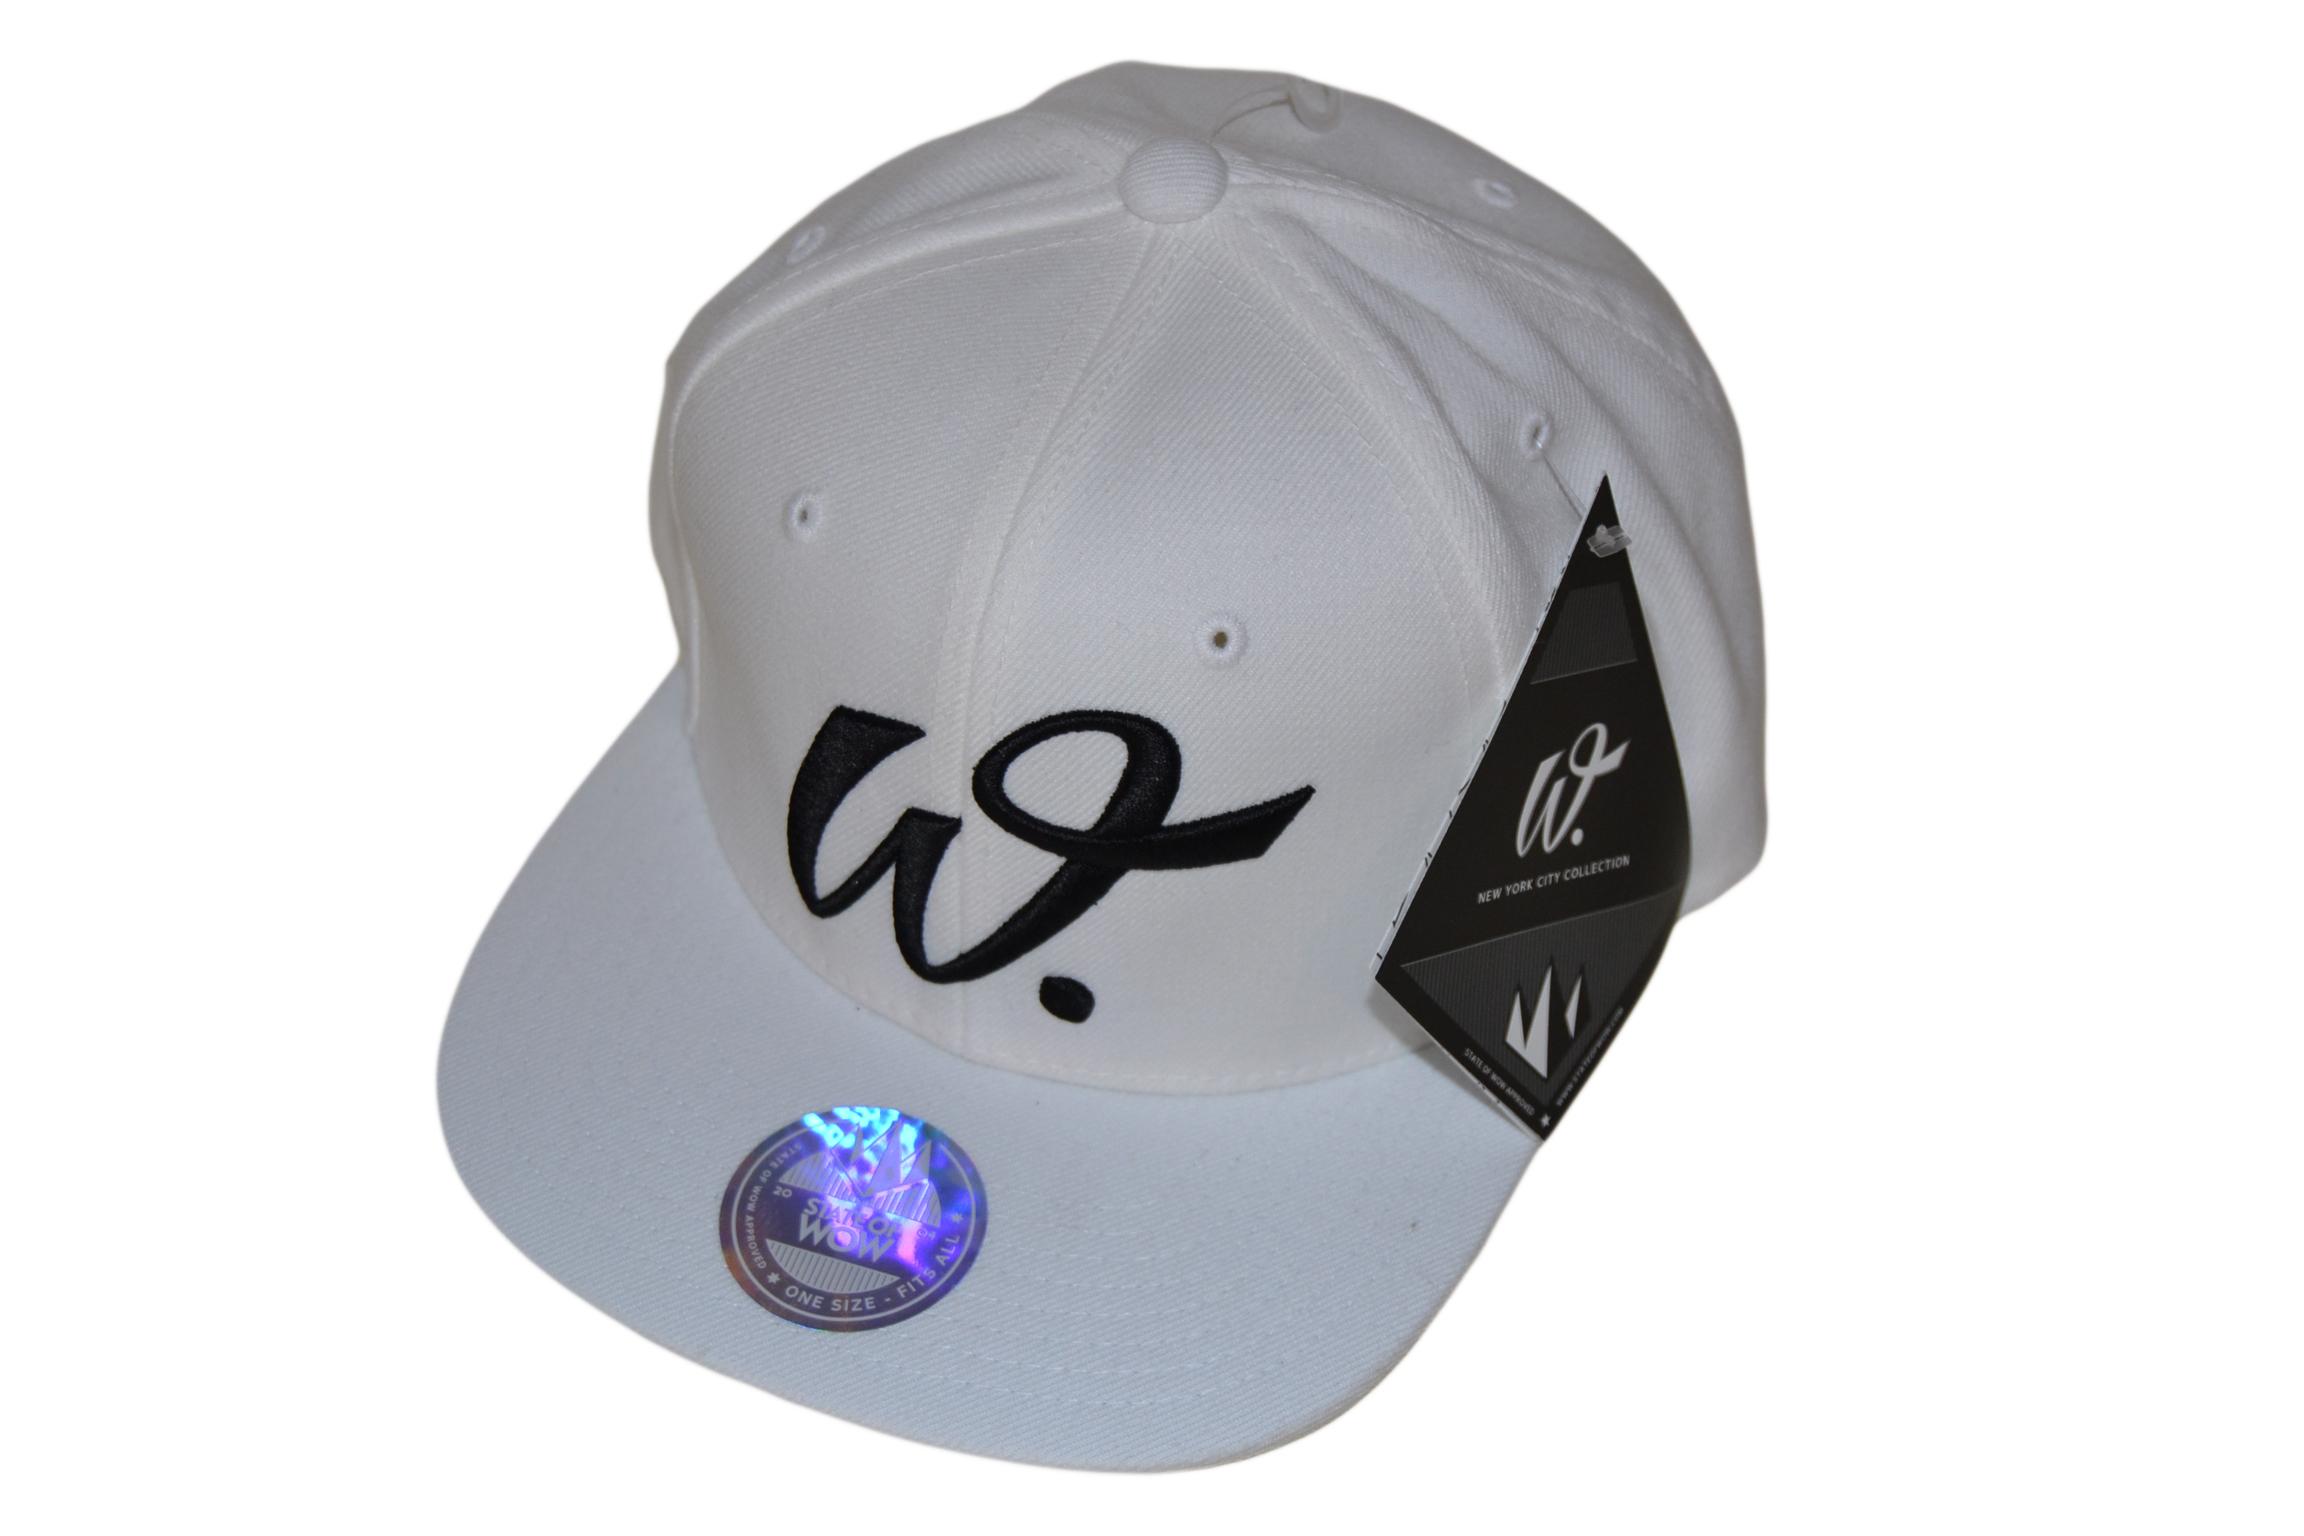 Caps4you